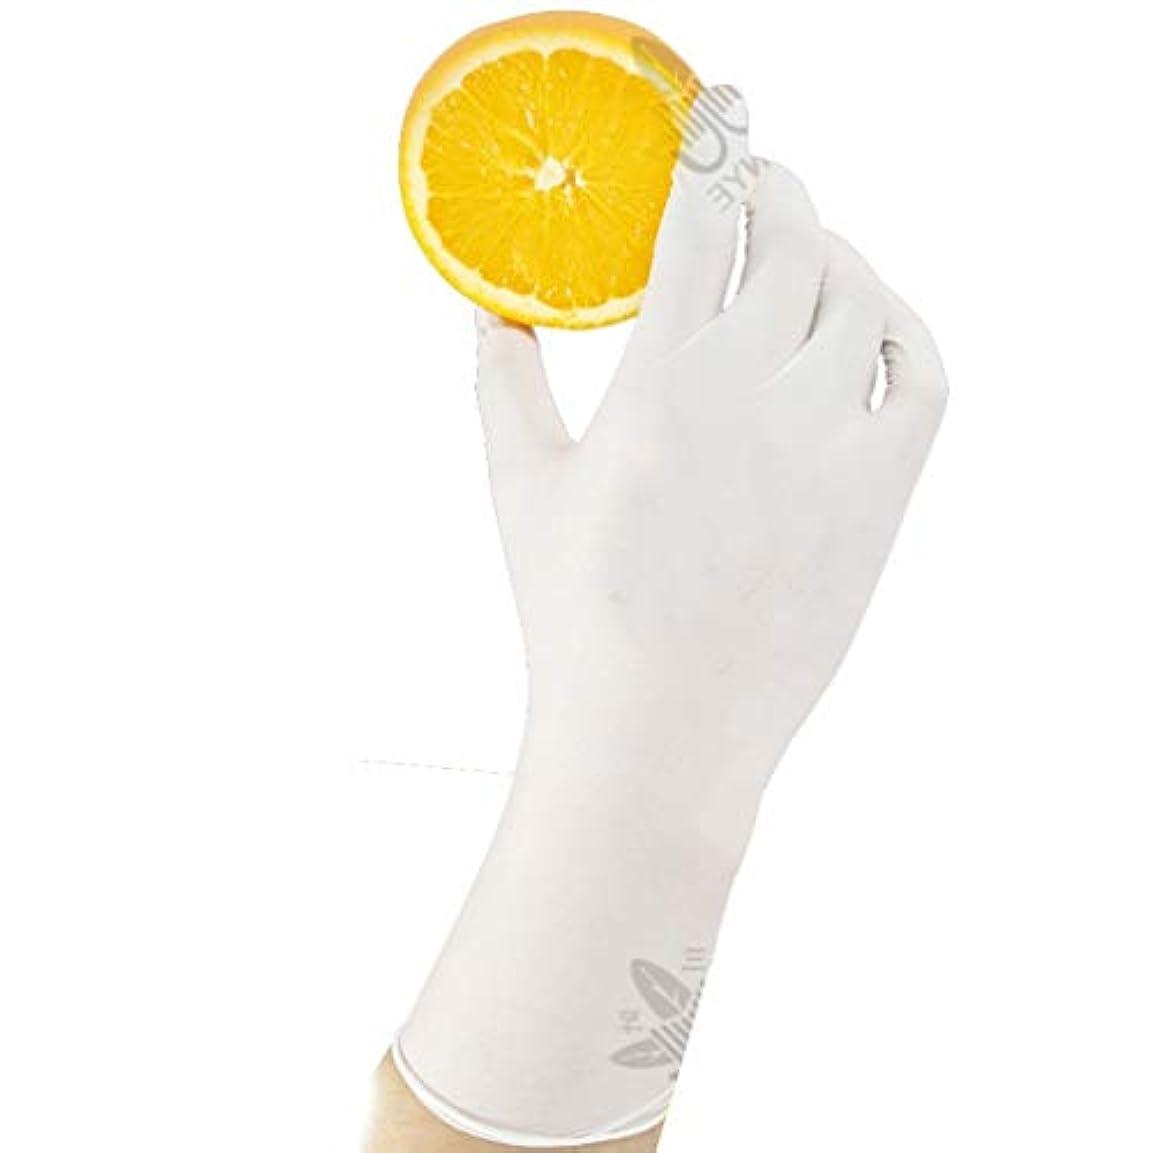 Safeguard Nitri Disposable Gloves、パウダーフリー、食品用グローブ、ラテックスフリー、50-100 Pc。ディスペンサーパック、xs-xlサイズ (版 ばん : 50PCS, サイズ さいず...